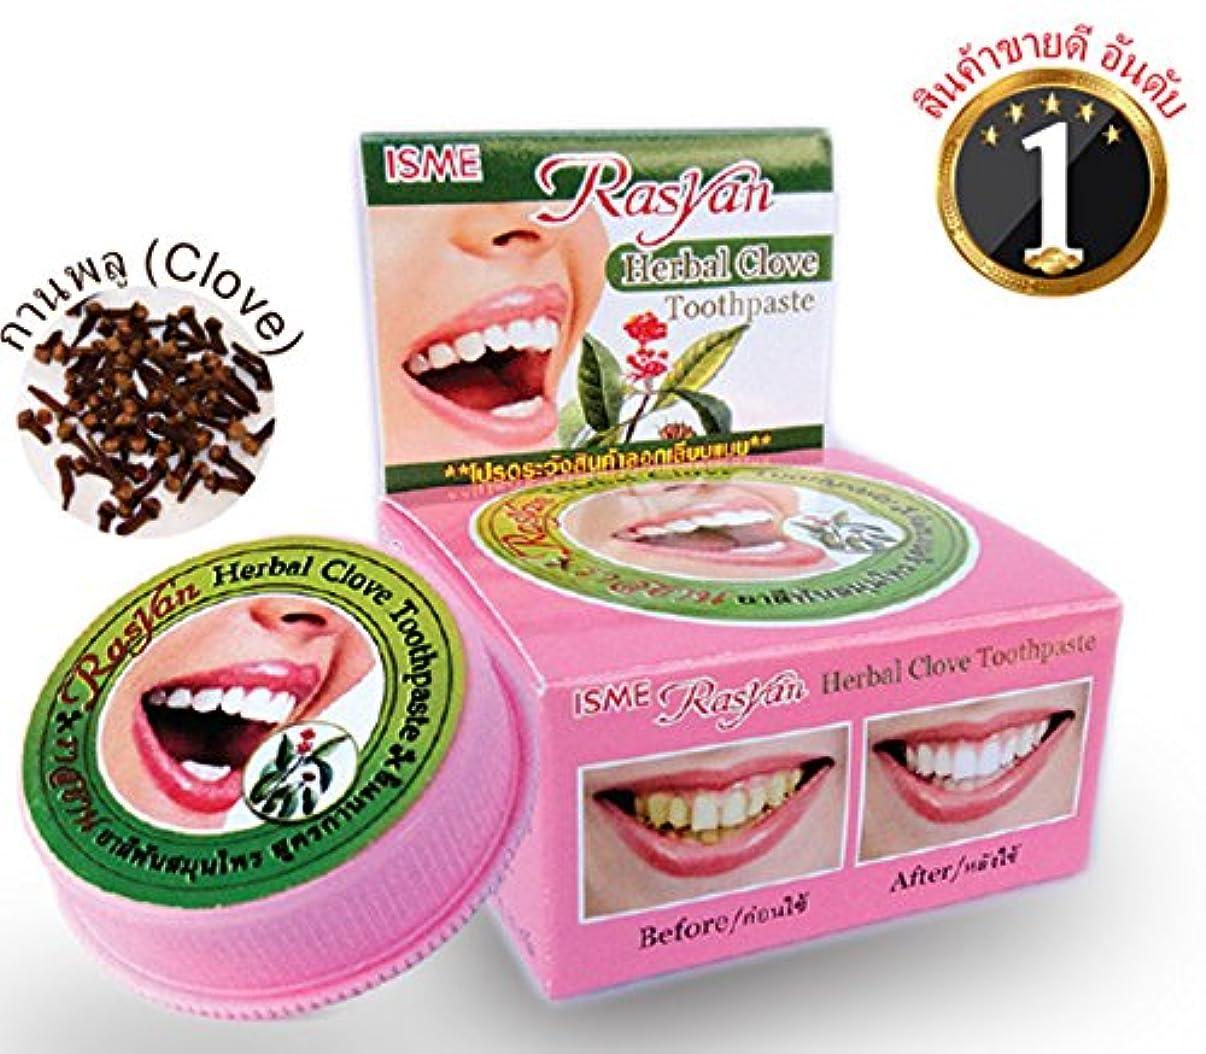 少し征服する学者練り歯磨き ハーブ Thai Herbal Rasyan Herbal Clove Toothpaste (5 Gram Size) 2 Pcs.